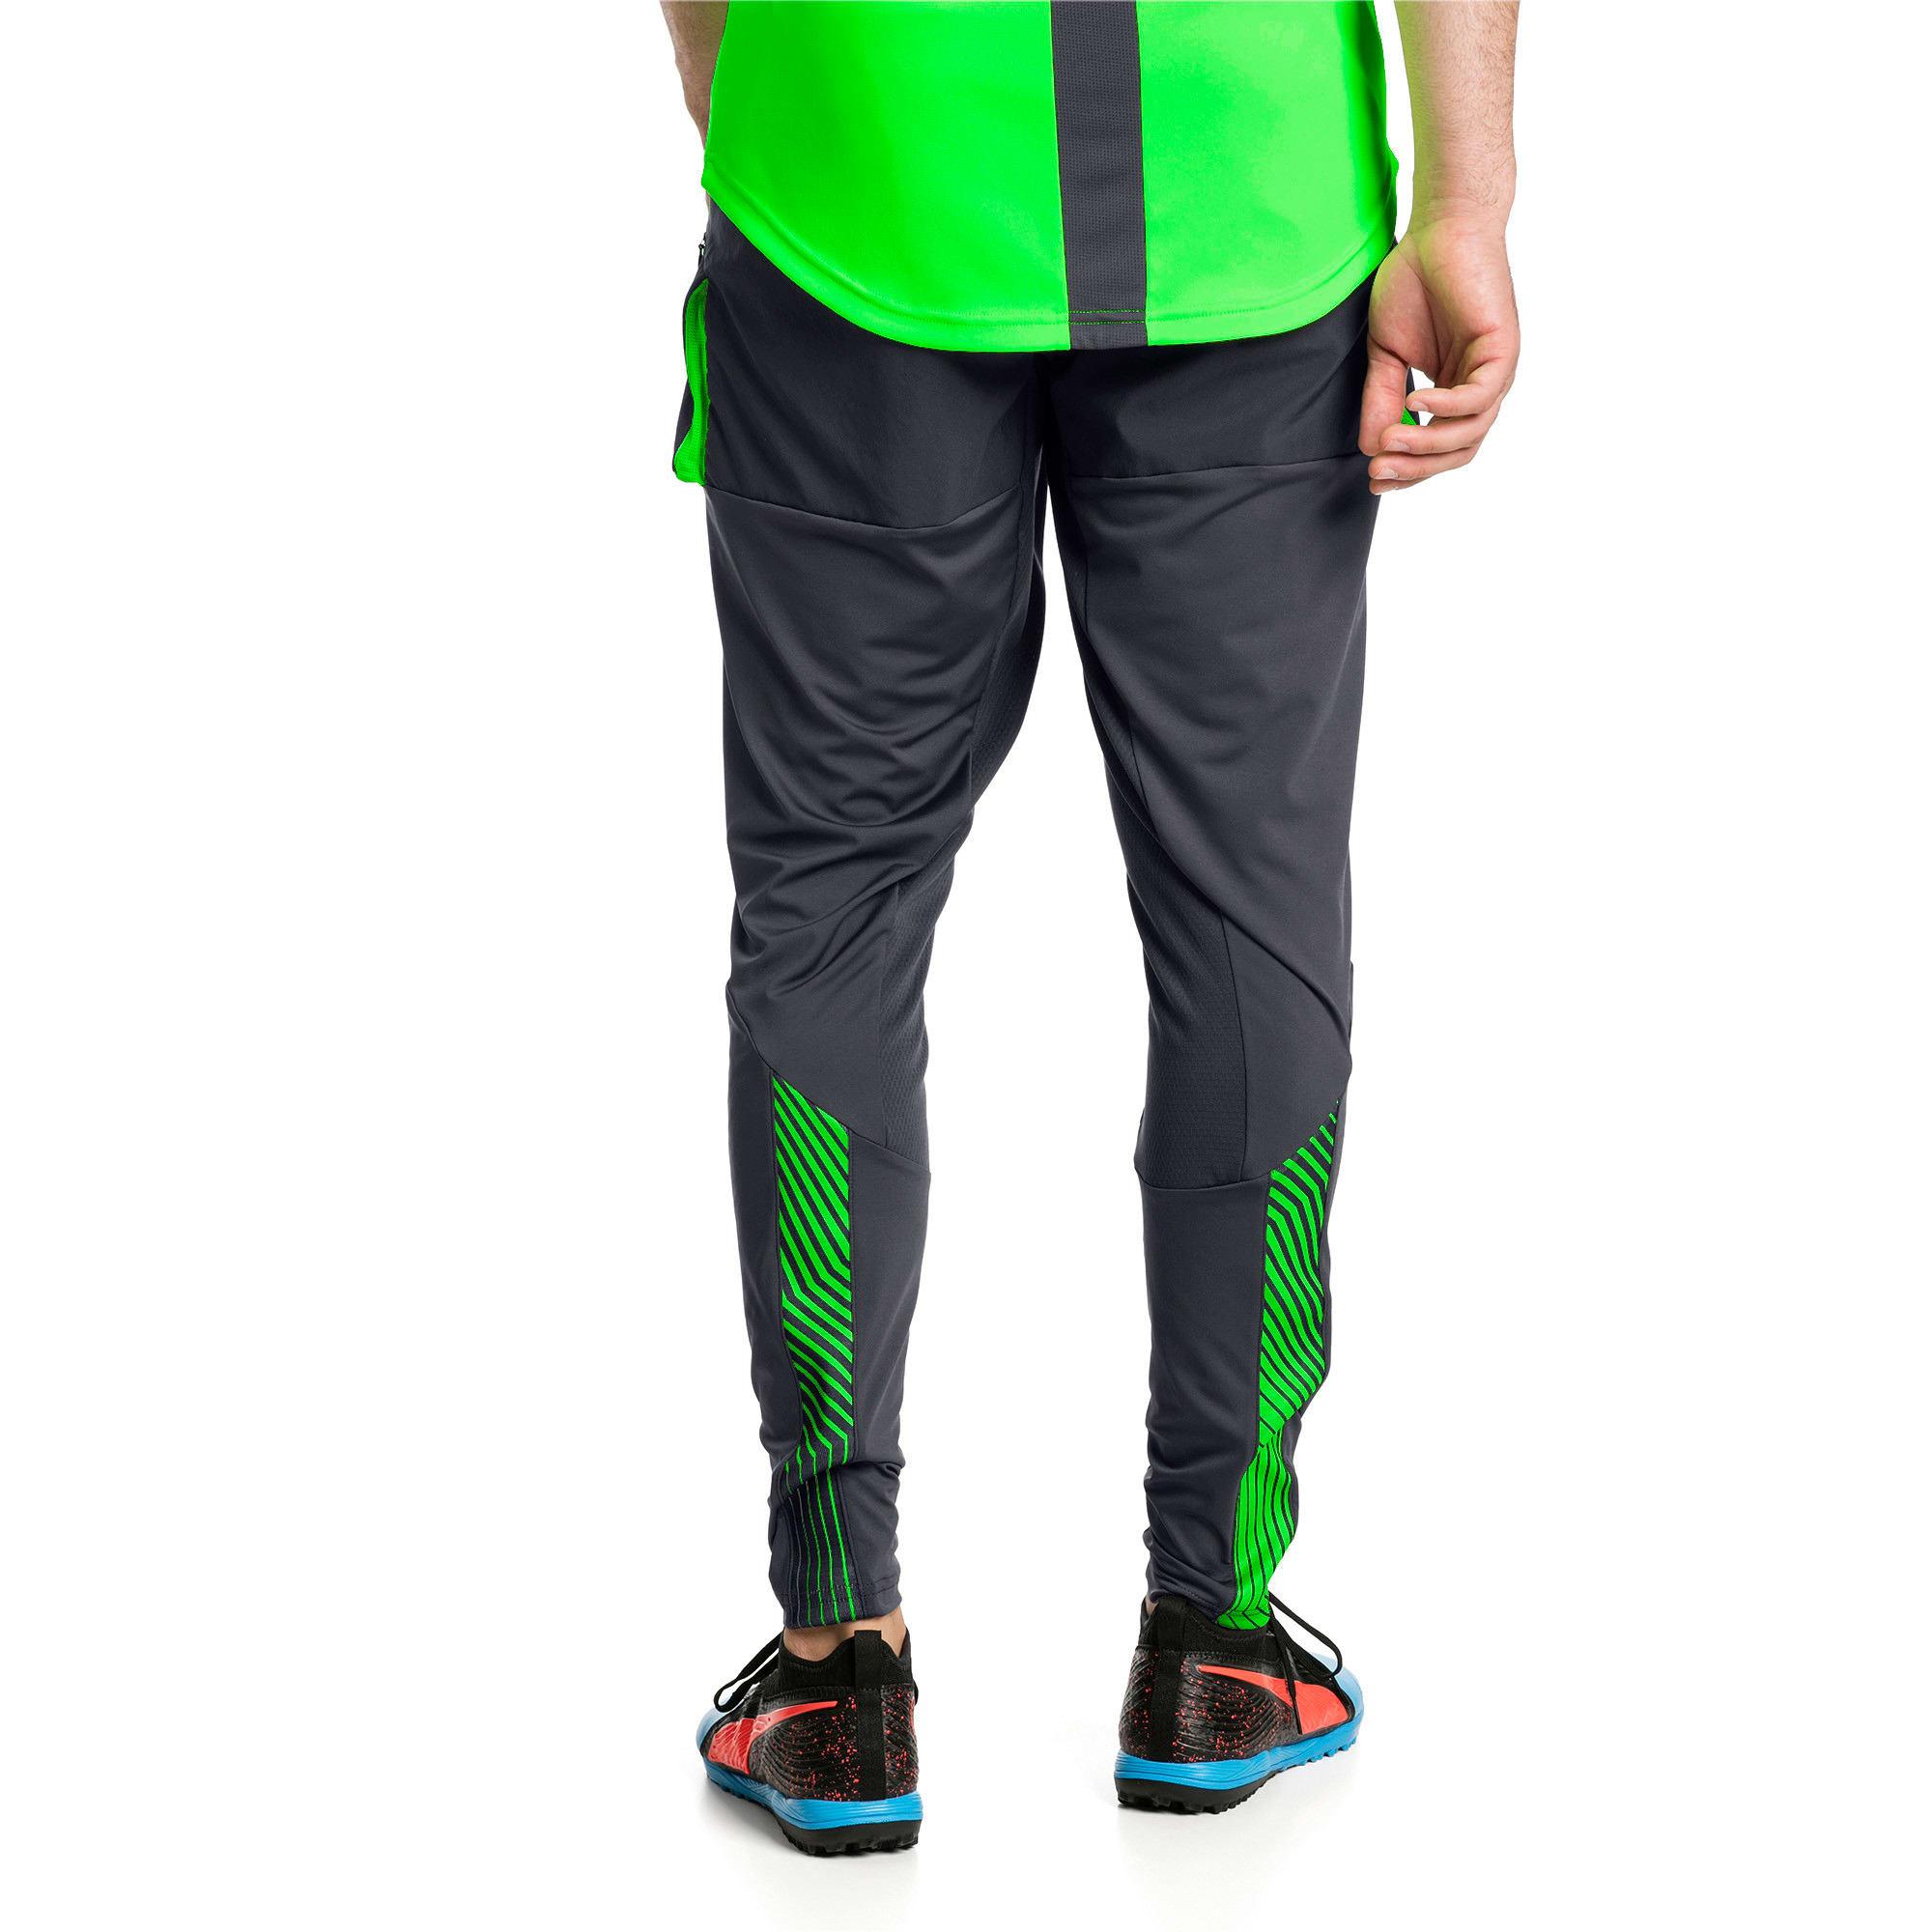 Thumbnail 3 of ftblNXT Men's Pro Training Pants, Ebony-Green Gecko, medium